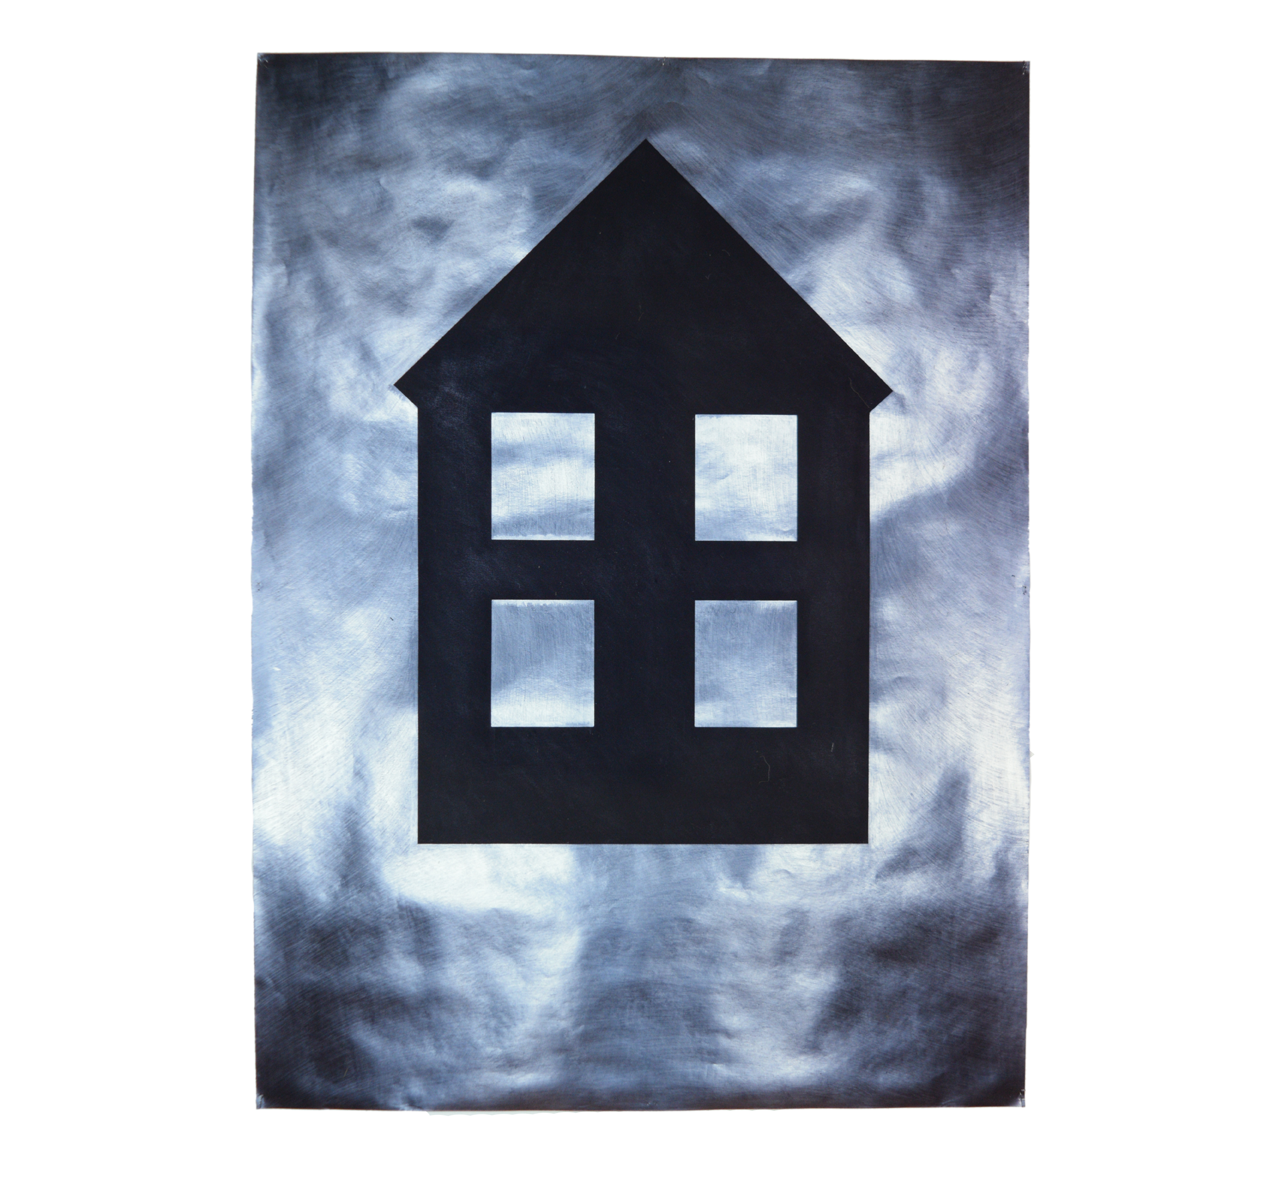 """""""Dessin d'une maison"""" 1981, fusain, crayon de graphite sur papier, 157 x 115 cm - Collection Michael Tilman, Düsseldorf, Allemagne - Photo Stephan Hadler"""